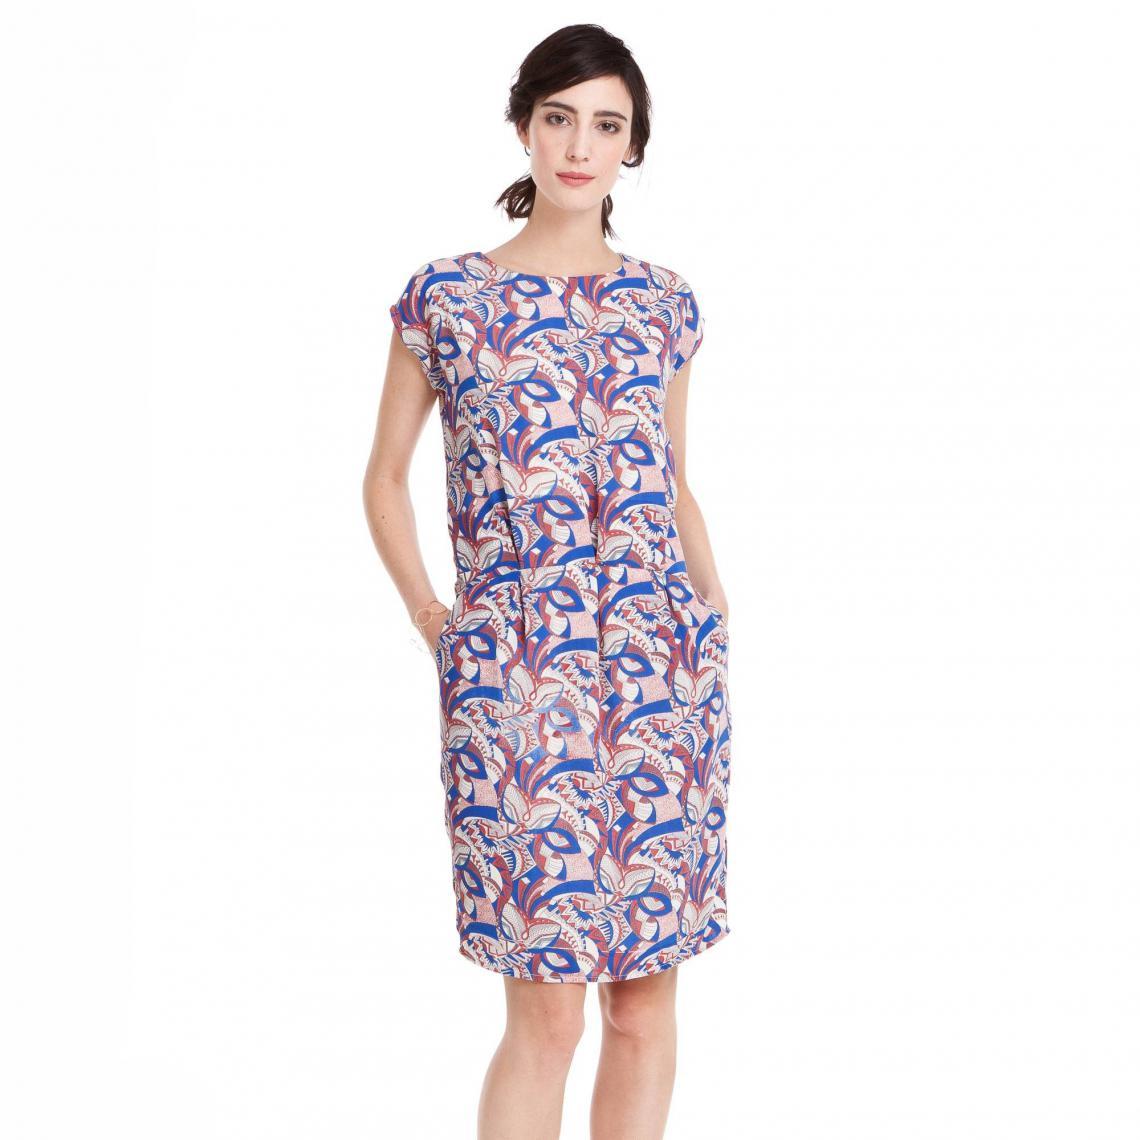 aff2b0229b5 Robe fluide mancherons imprimée femme - Multicolore 3 SUISSES Collection  Femme